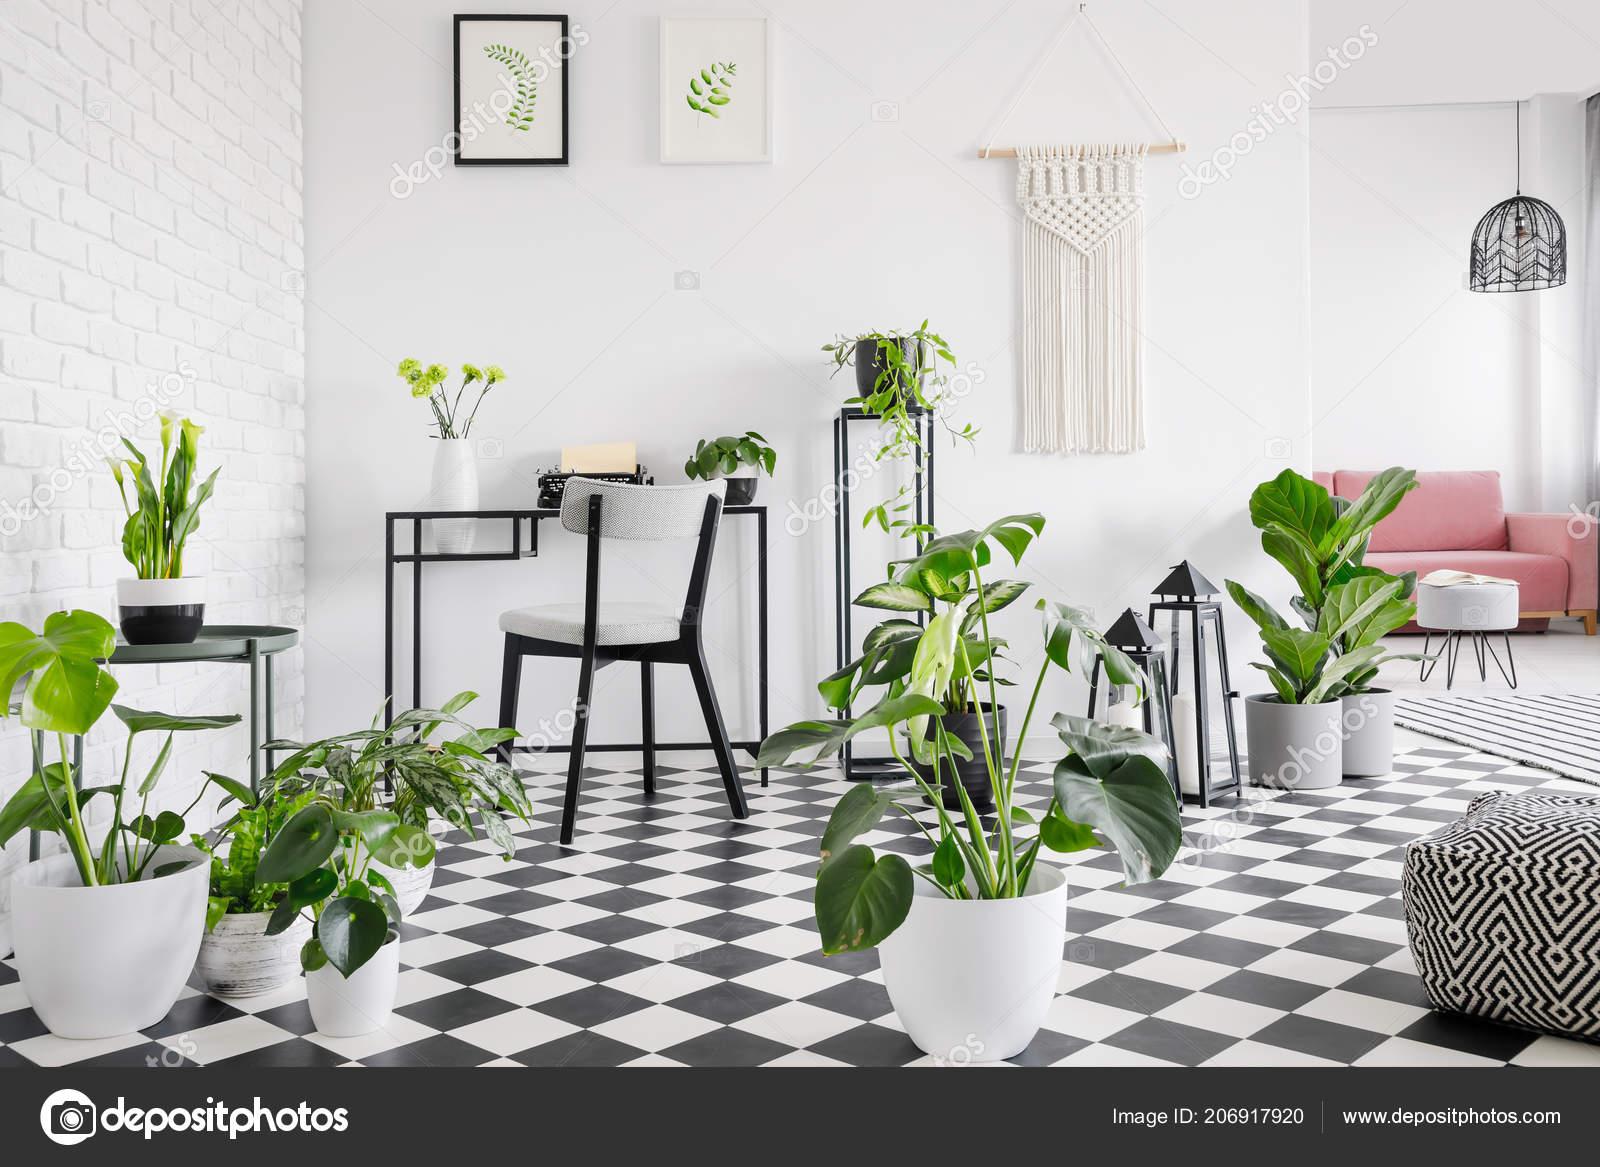 Planten geblokte vloer woonkamer interieur met posters boven